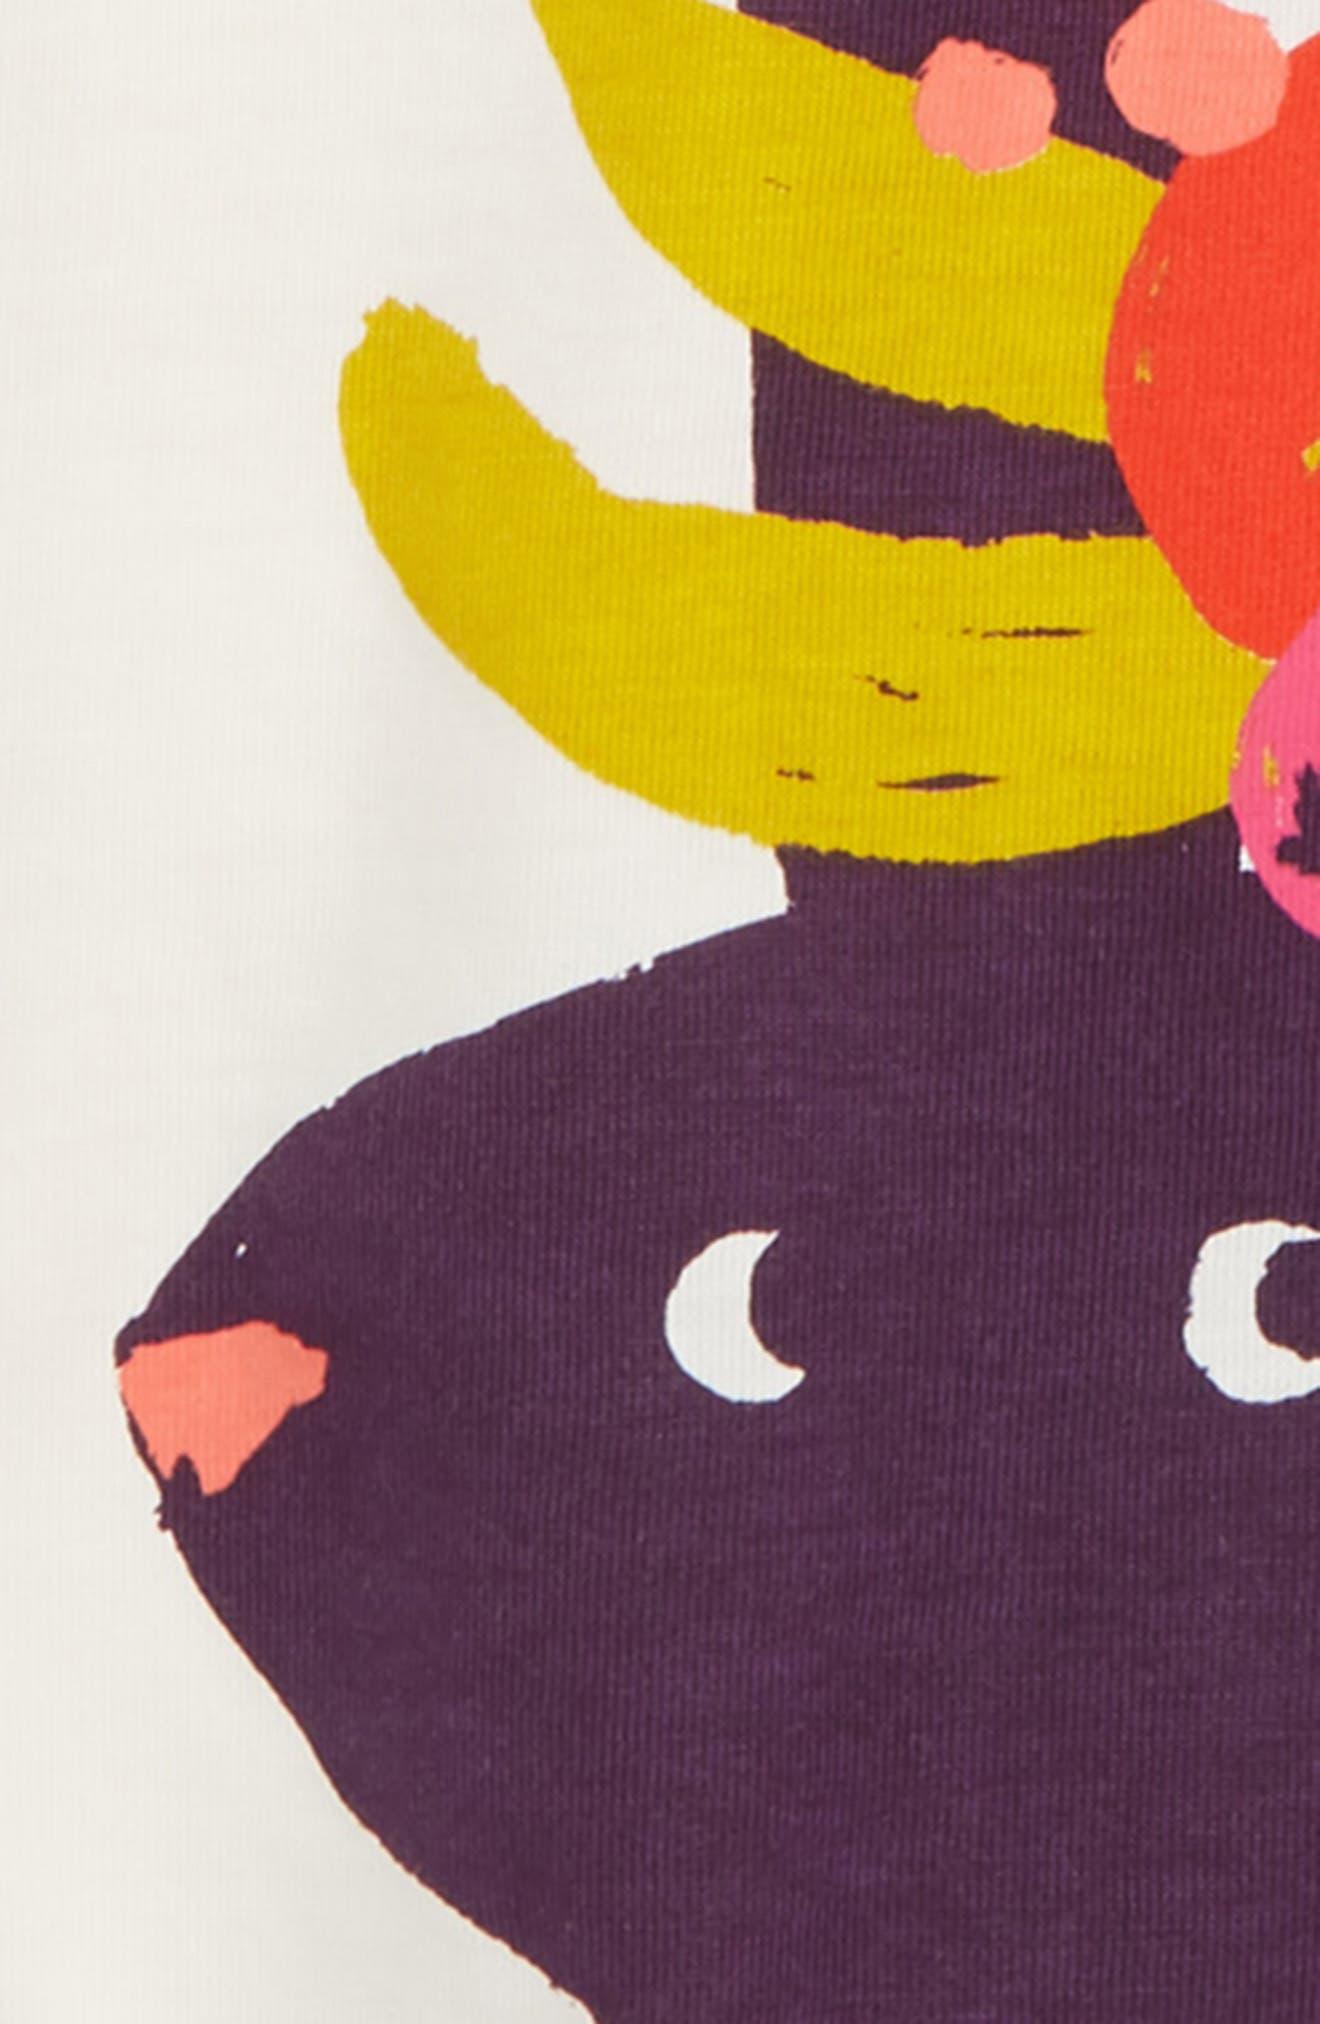 Fruit Rabbit Graphic Tee,                             Alternate thumbnail 2, color,                             BOUQUET